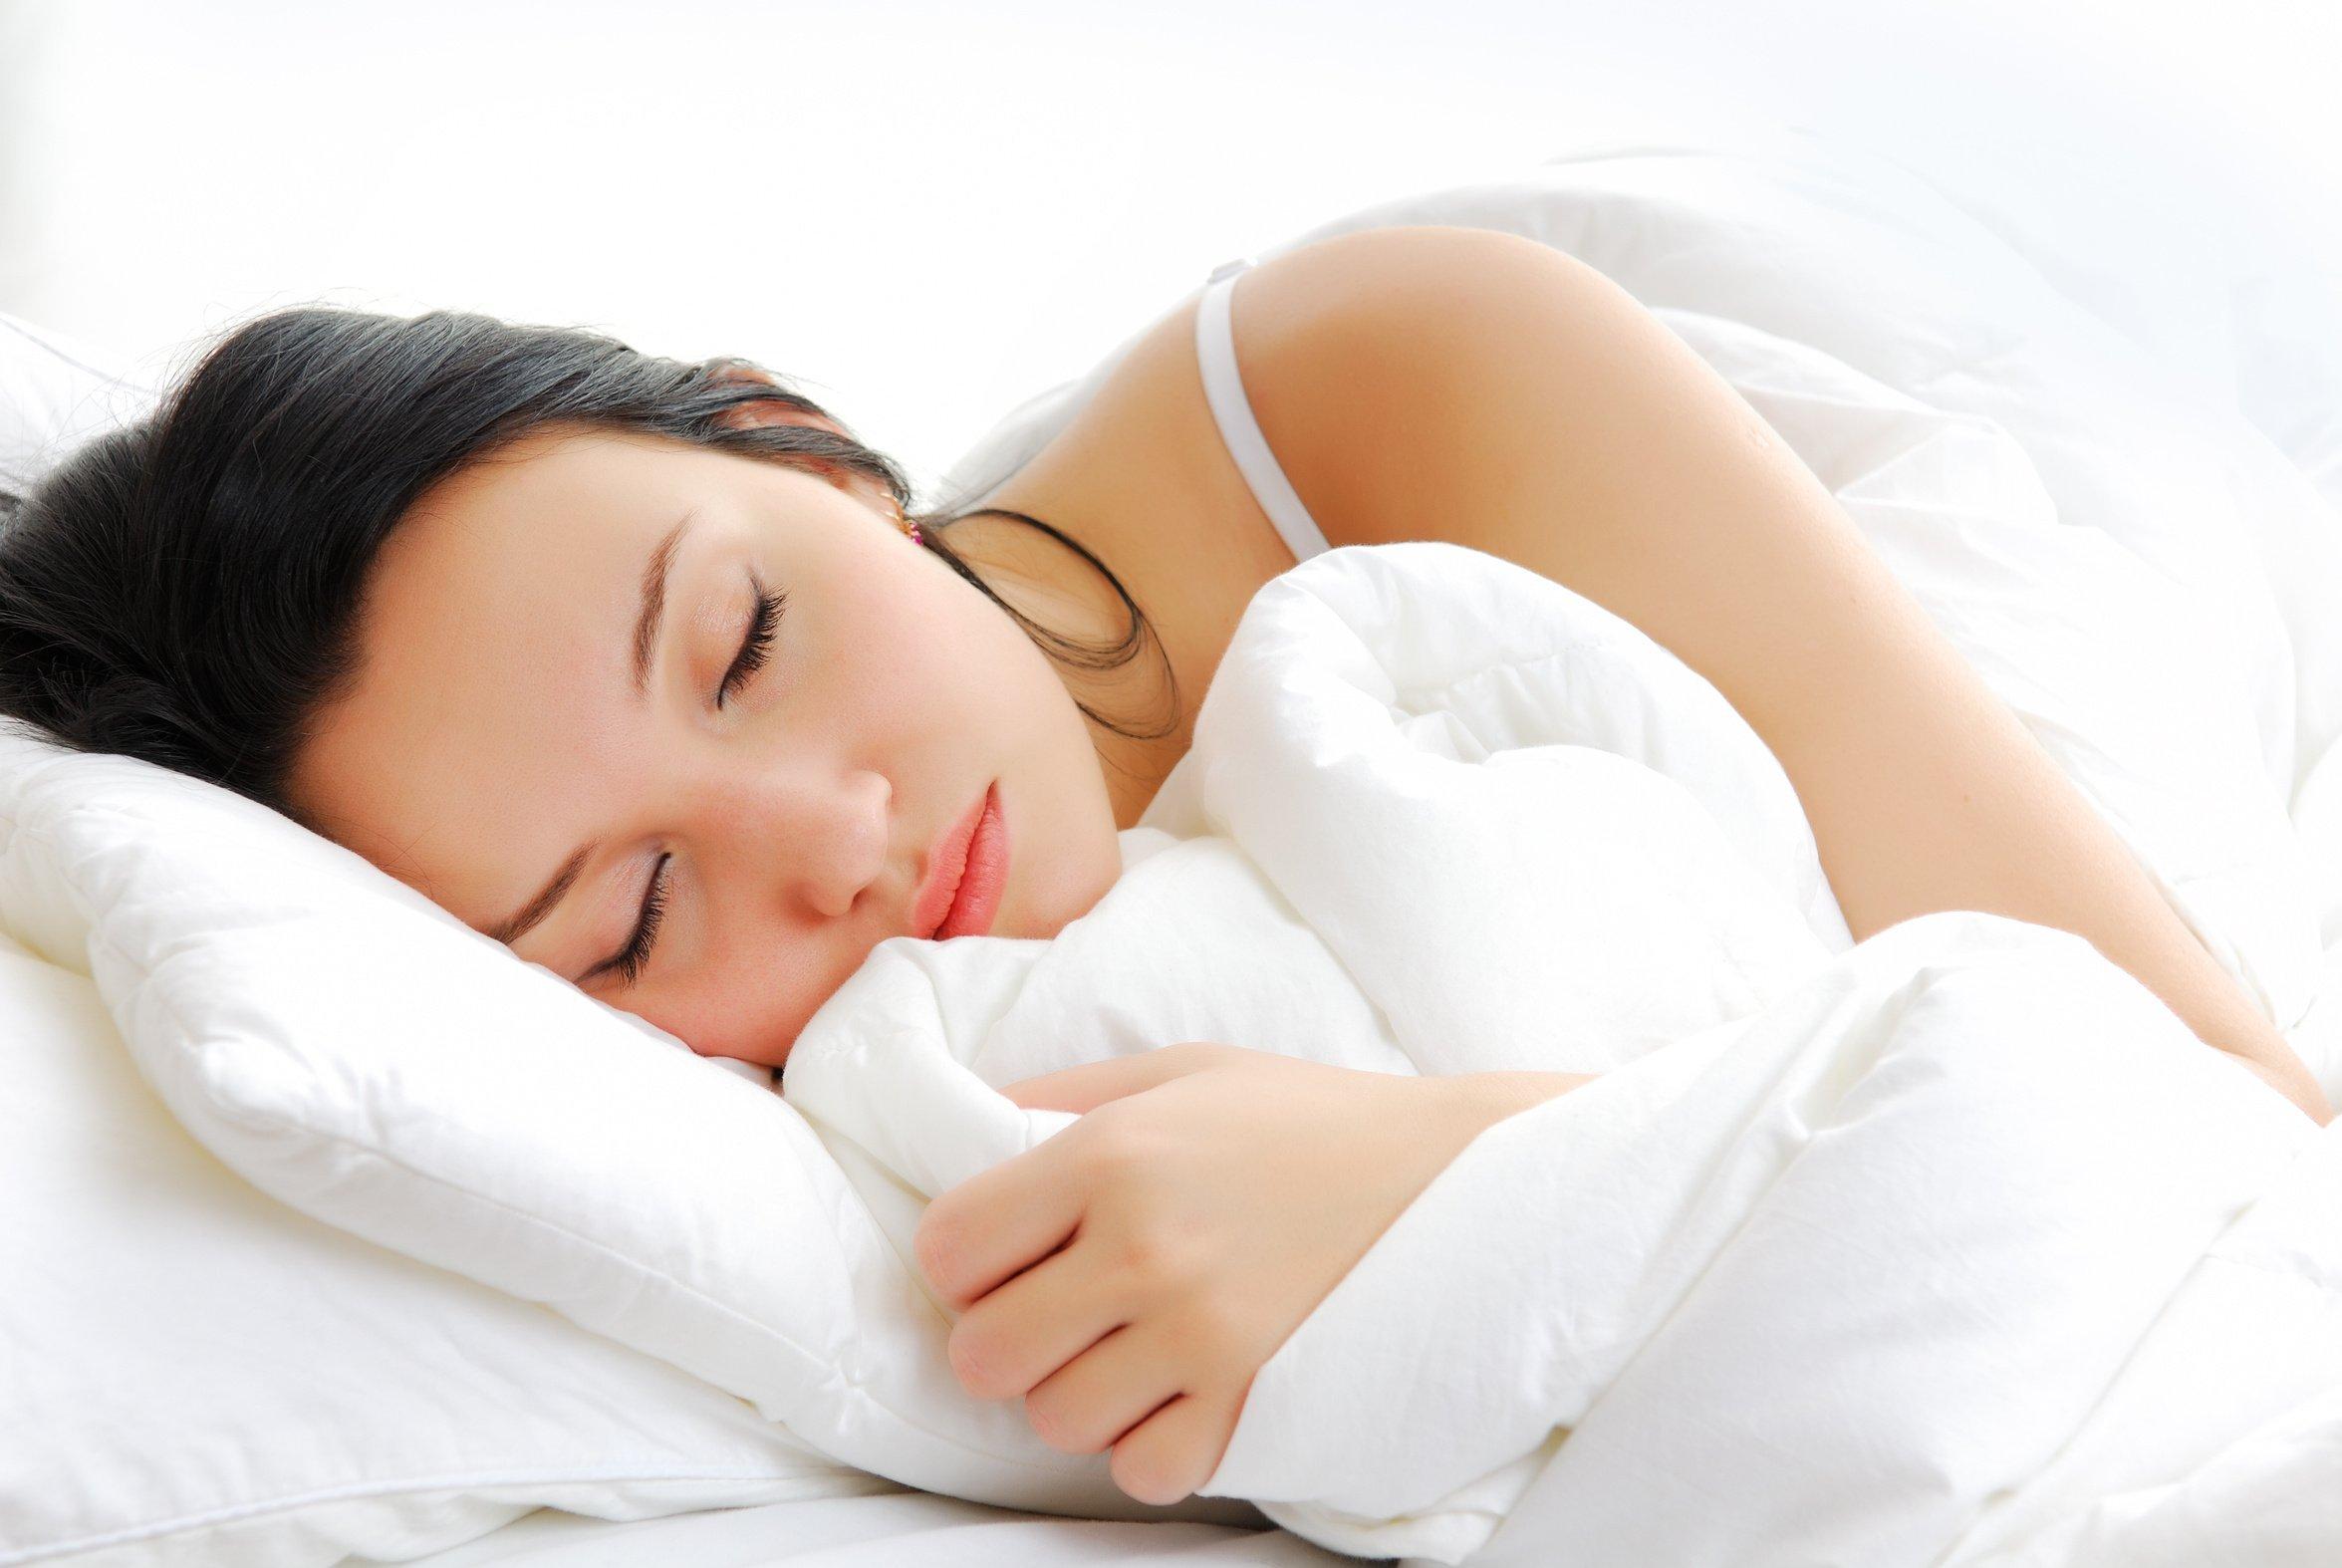 Дневной сон оказался рискован для здоровья